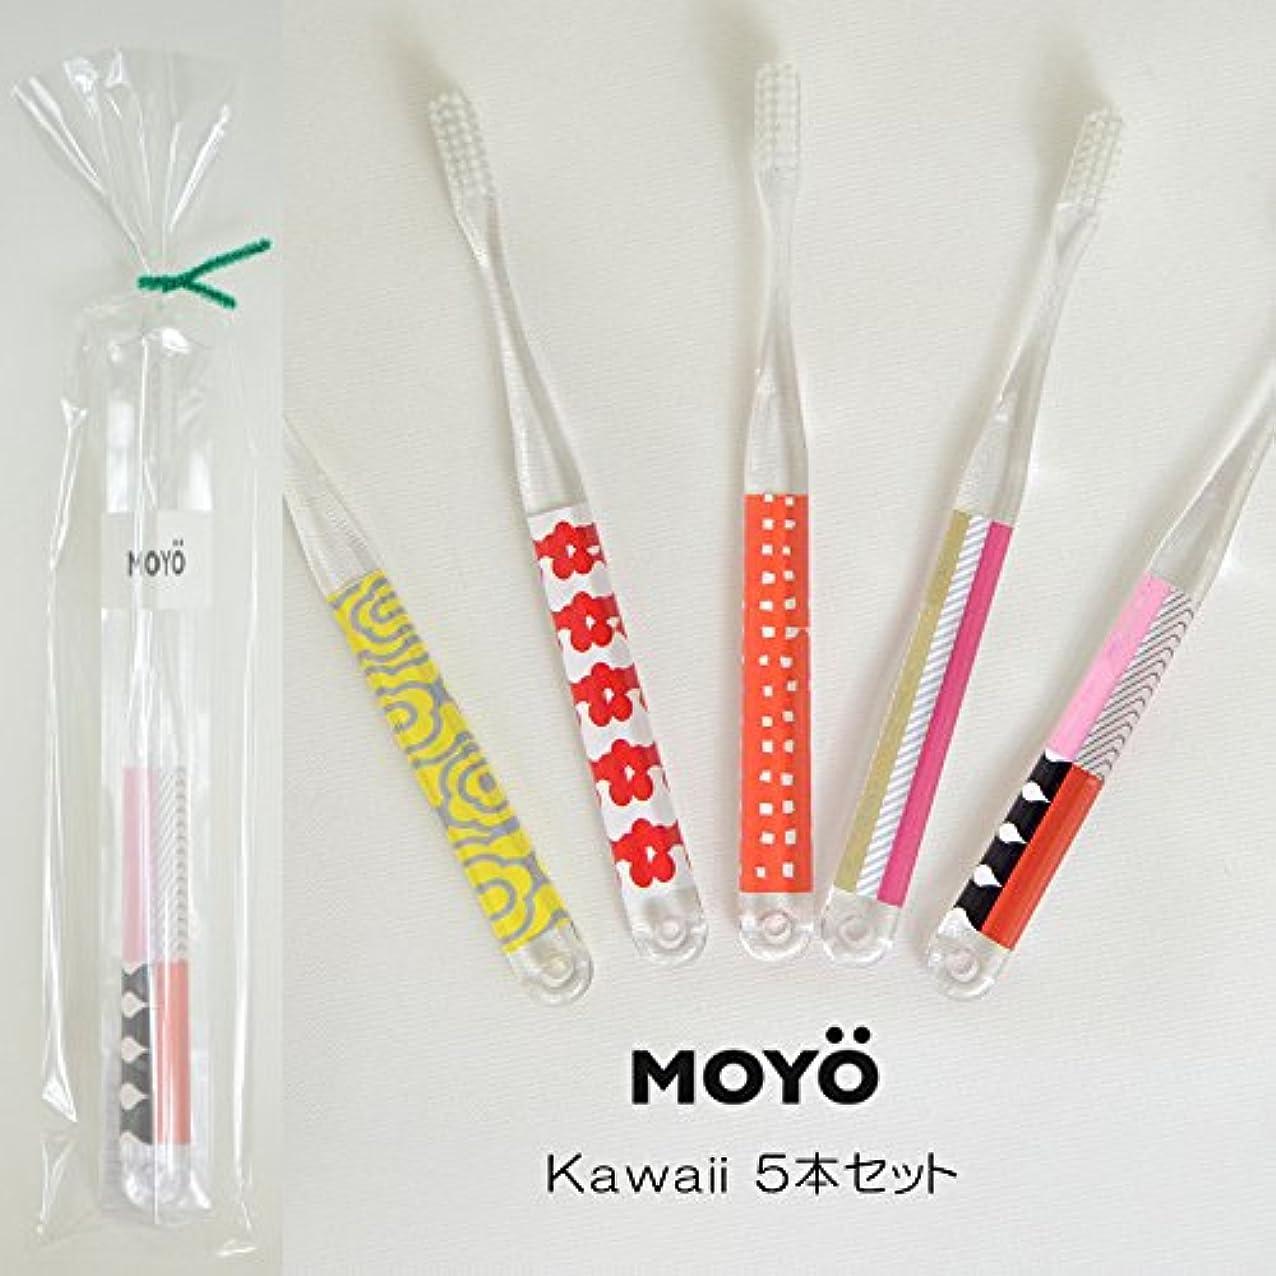 待って持つ州MOYO モヨウ 歯ブラシ kawaii5本 プチ ギフト セット_562302-kawaii 【F】,kawaii5本セット